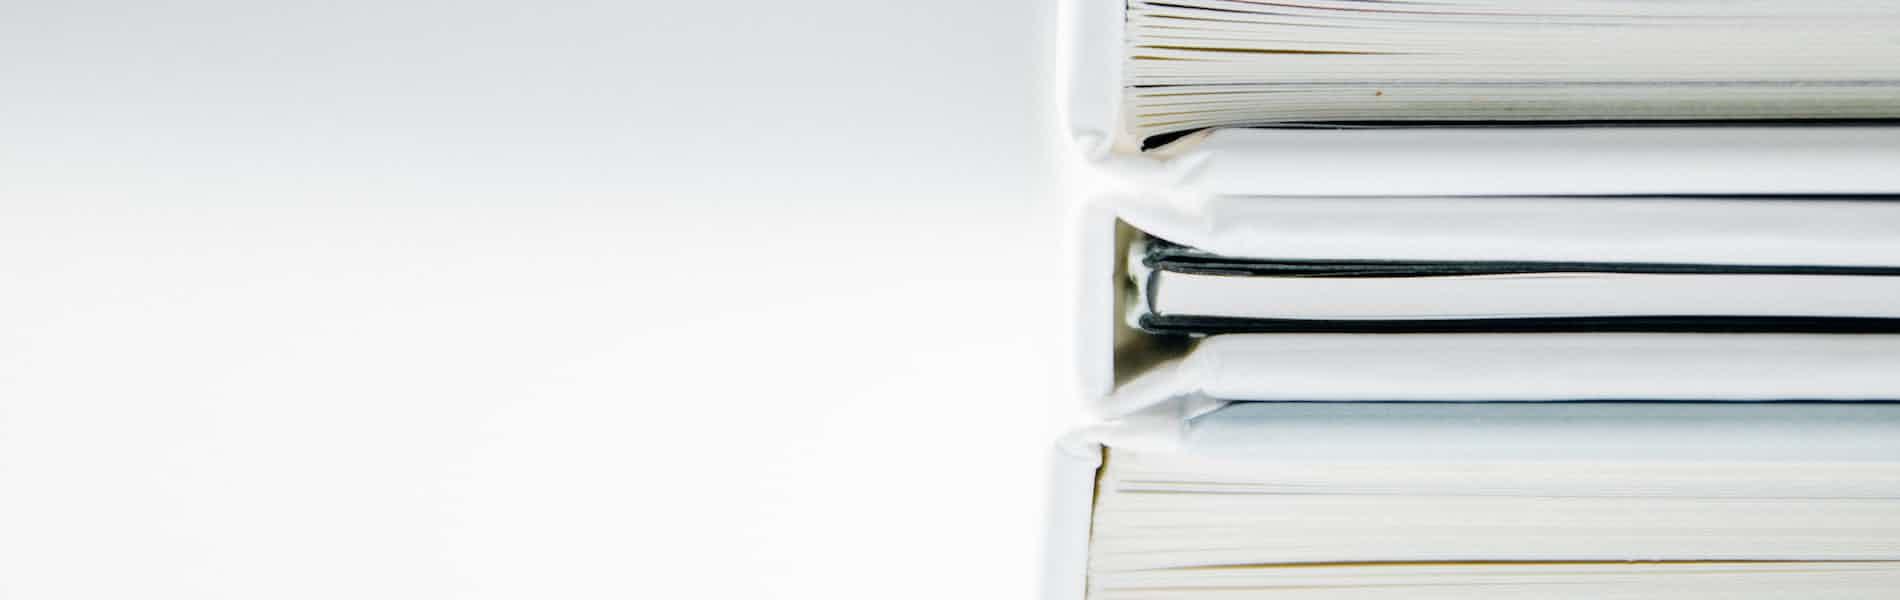 שער - ספרים